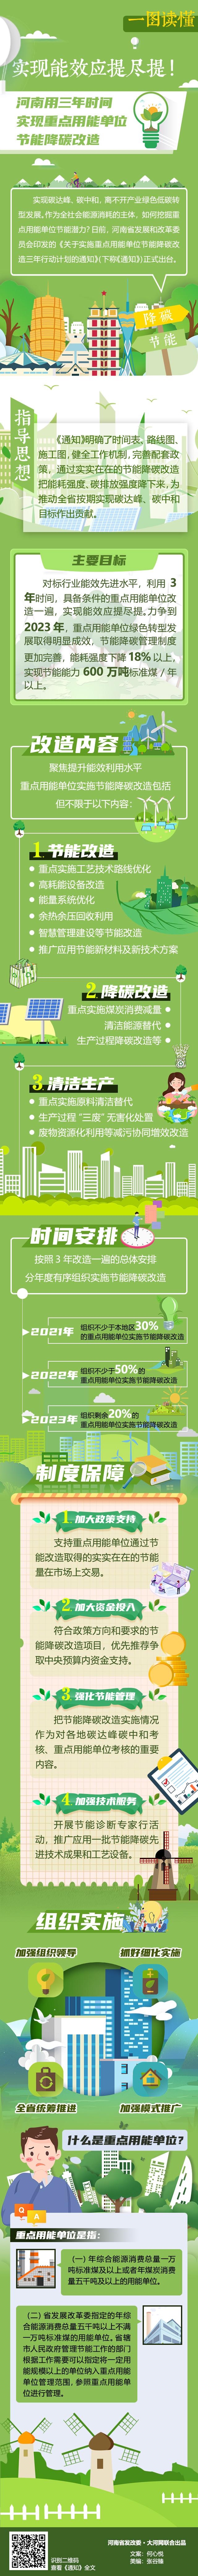 能效应提尽提!<br>河南力争到2023年重点用能单位能耗强度下降超18%